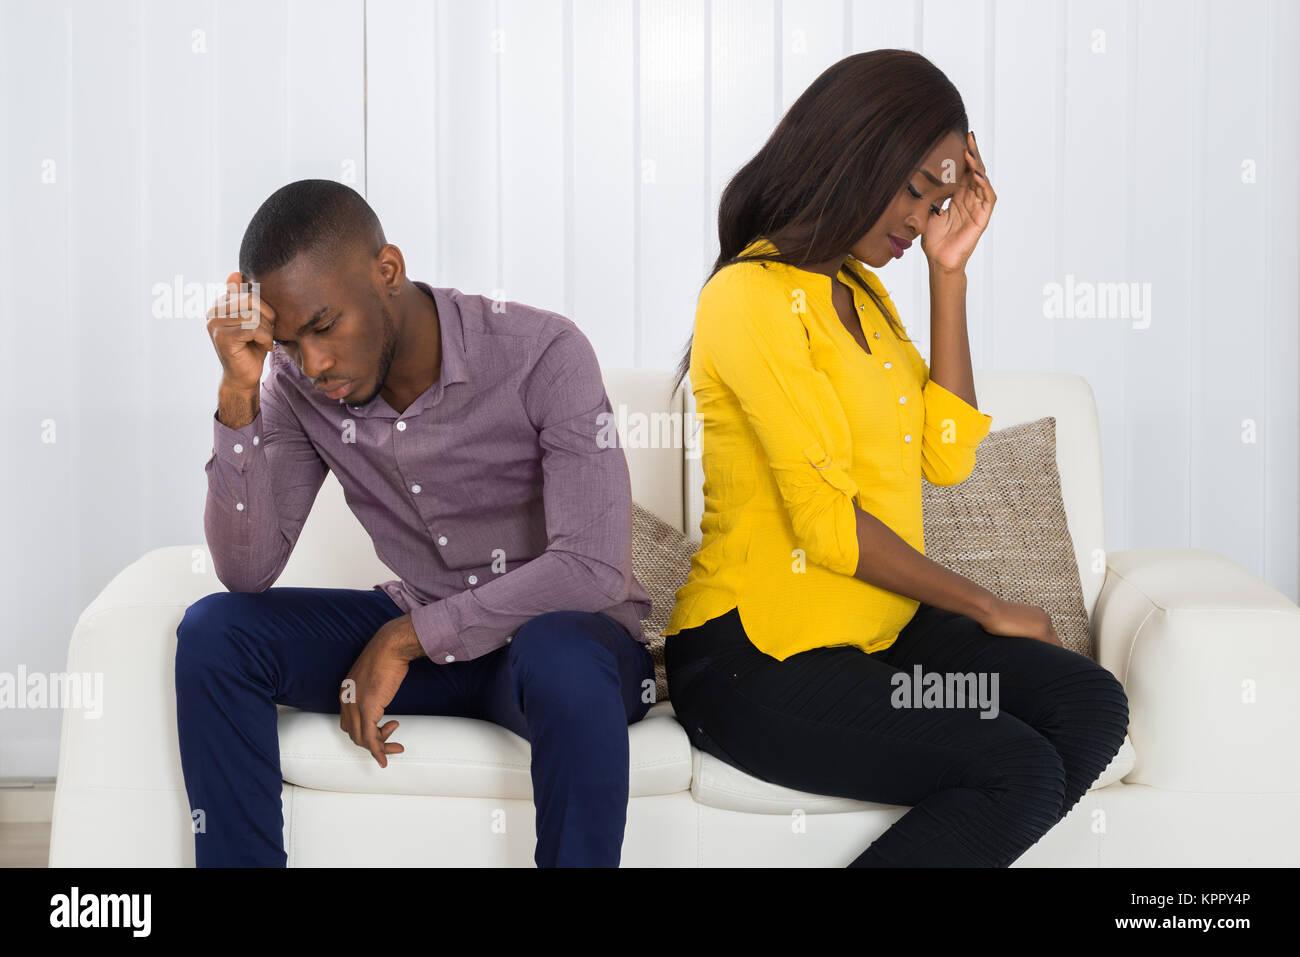 Couple Sitting Back To Back On Sofa - Stock Image